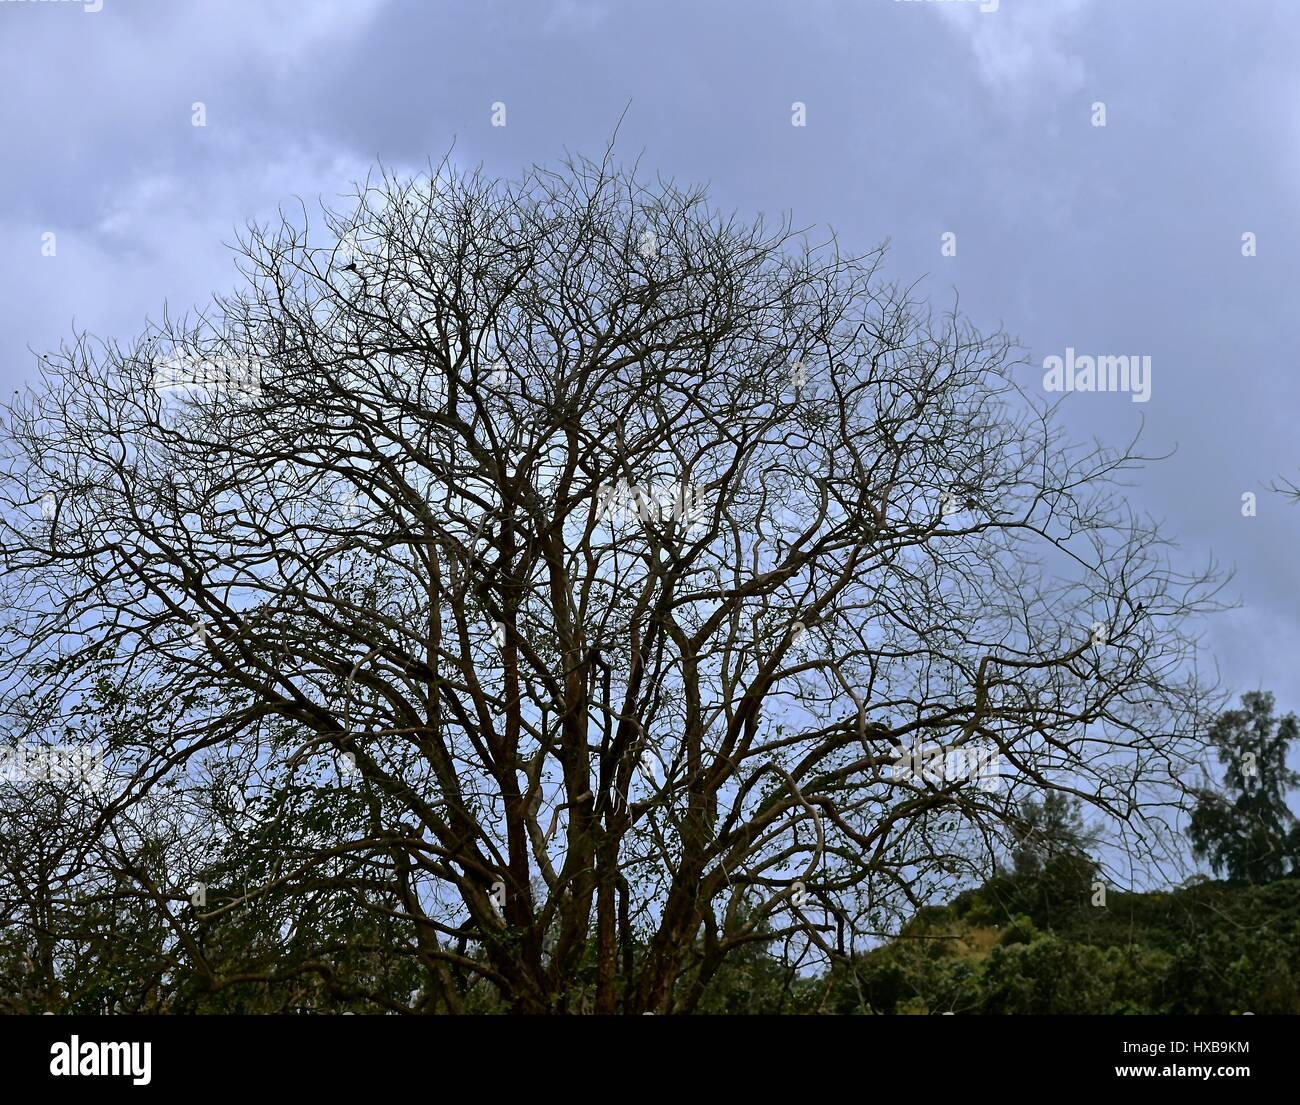 Árbol desnudo / árbol deshojado significando la tristeza o la muerte. Imagen De Stock